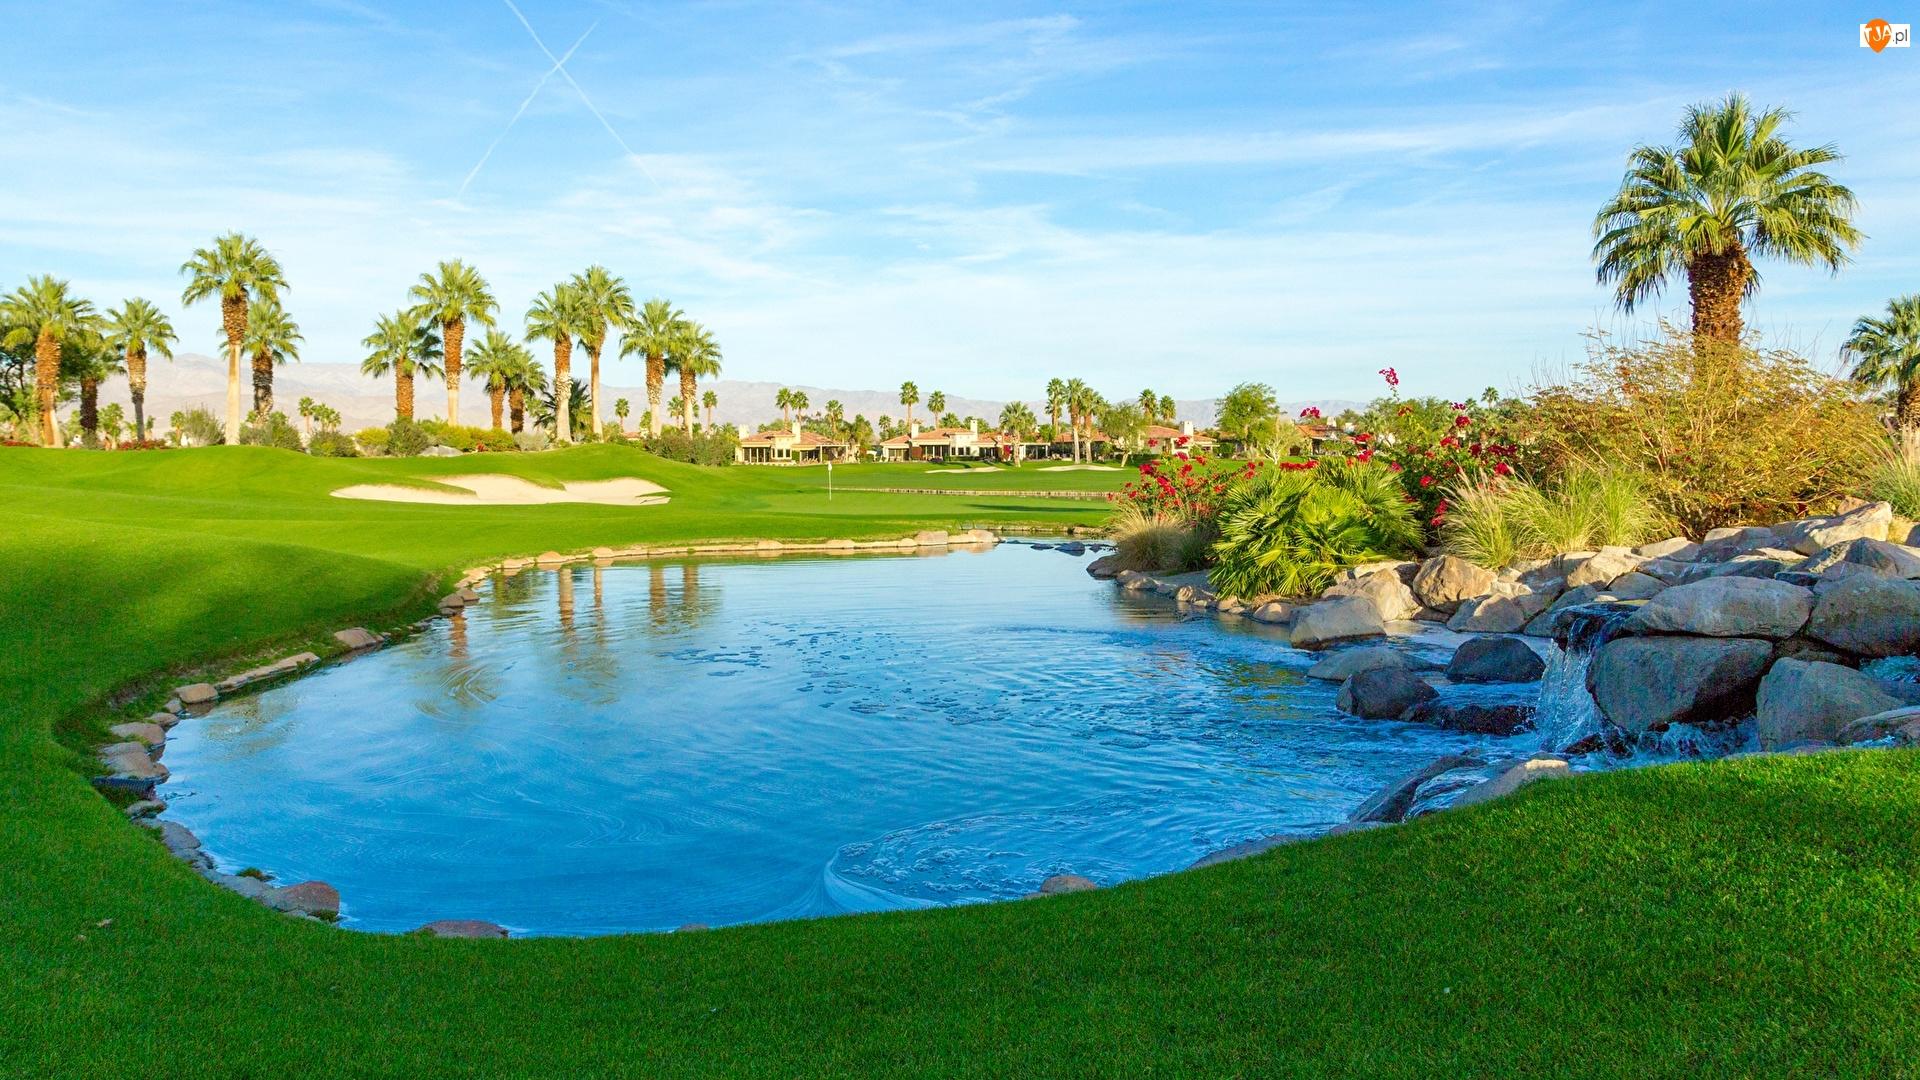 Staw, Kamienie, Stany Zjednoczone, Pole golfowe, Kalifornia, Miejscowość Palm Springs, Palmy